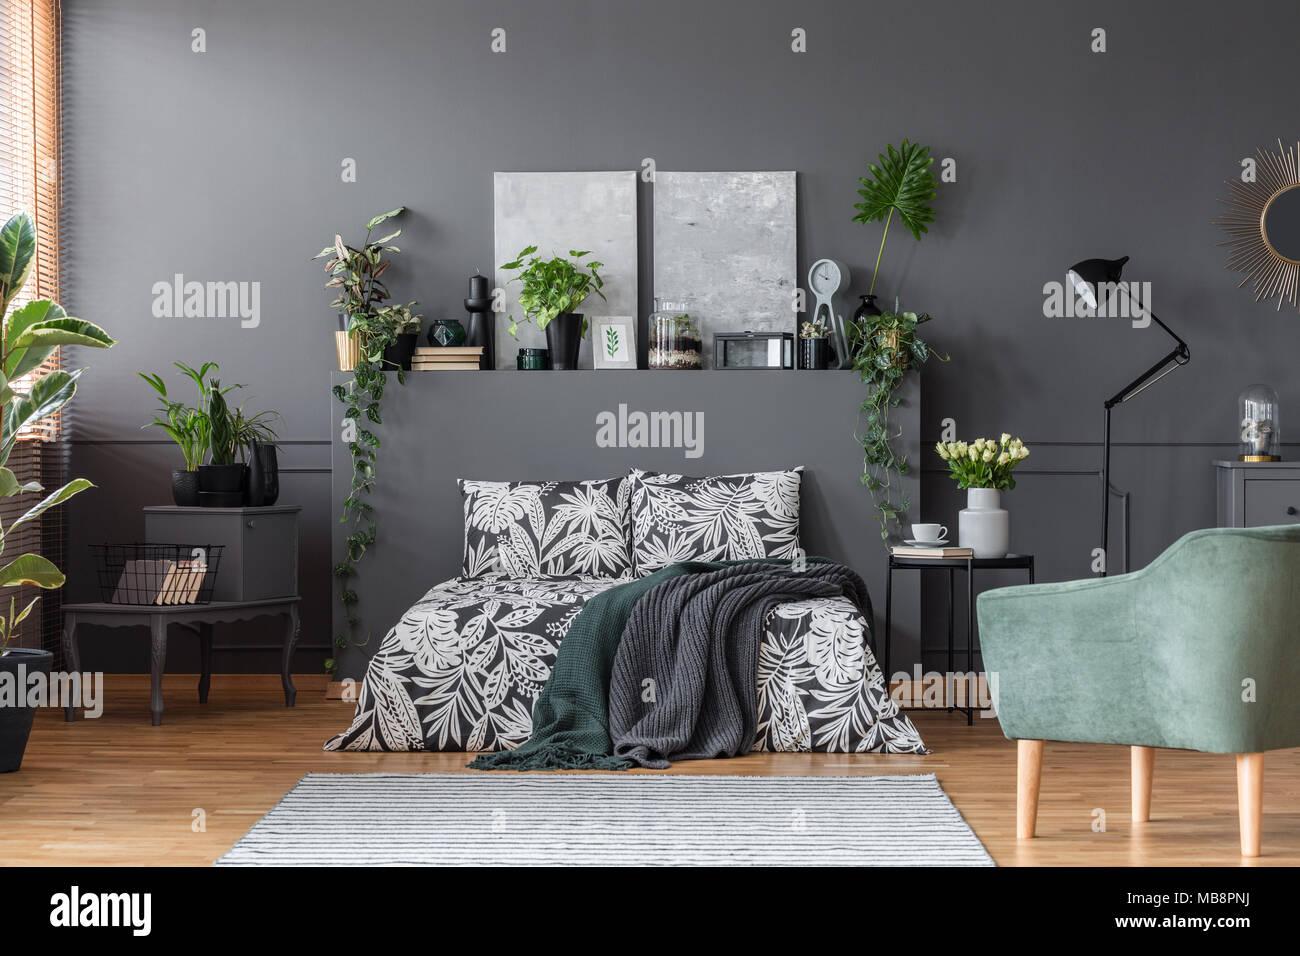 Plantes Vert Frais Mis En Gris Foncé De Lu0027intérieur Chambre à Coucher  Moderne Avec Des Peintures, Tapis Et Décoration